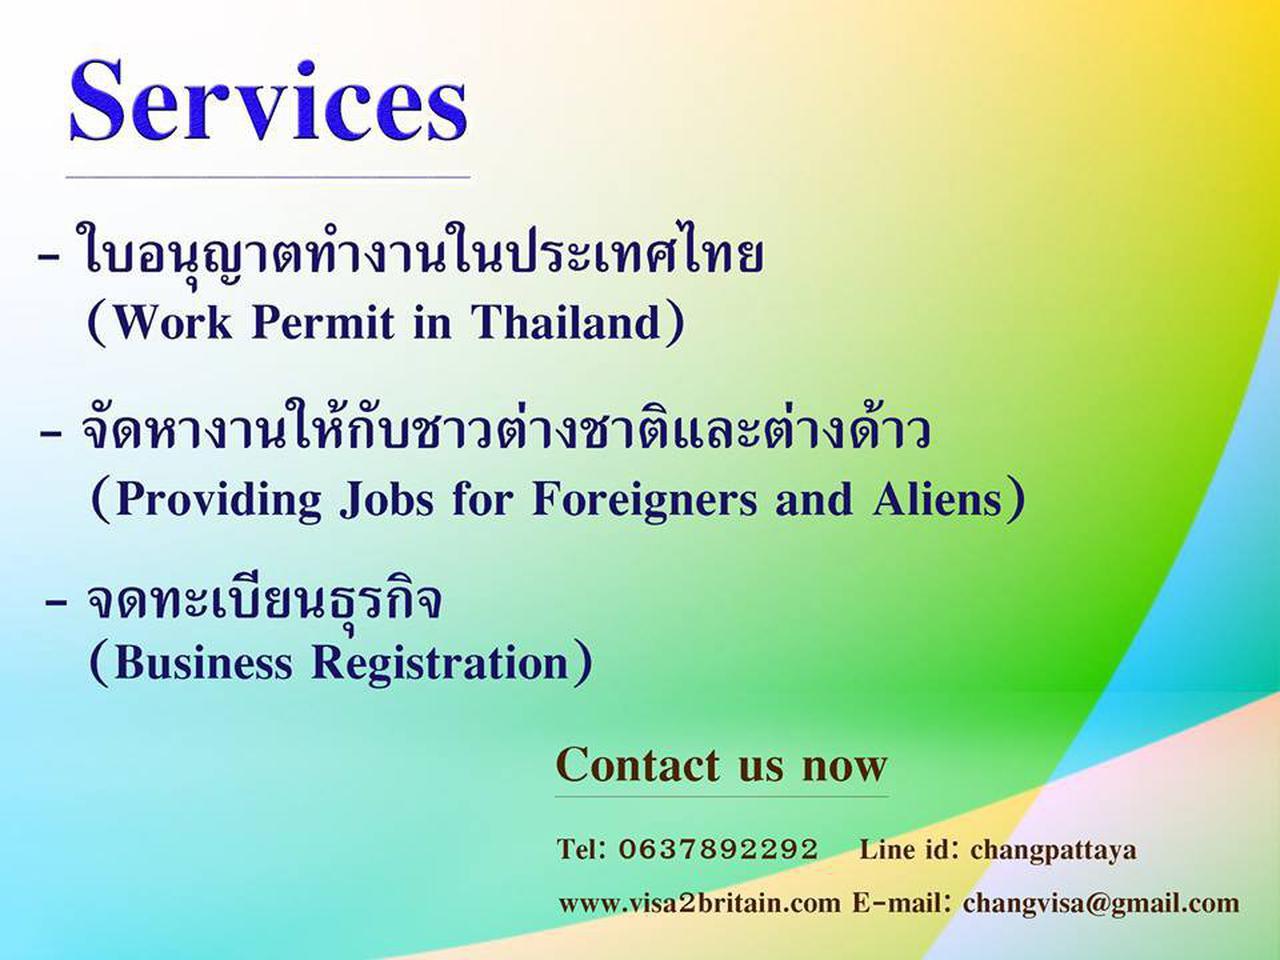 รับปรึกษาและให้บริการด้านวีซ่าทั้งในไทยและทั่วโลก รูปที่ 4